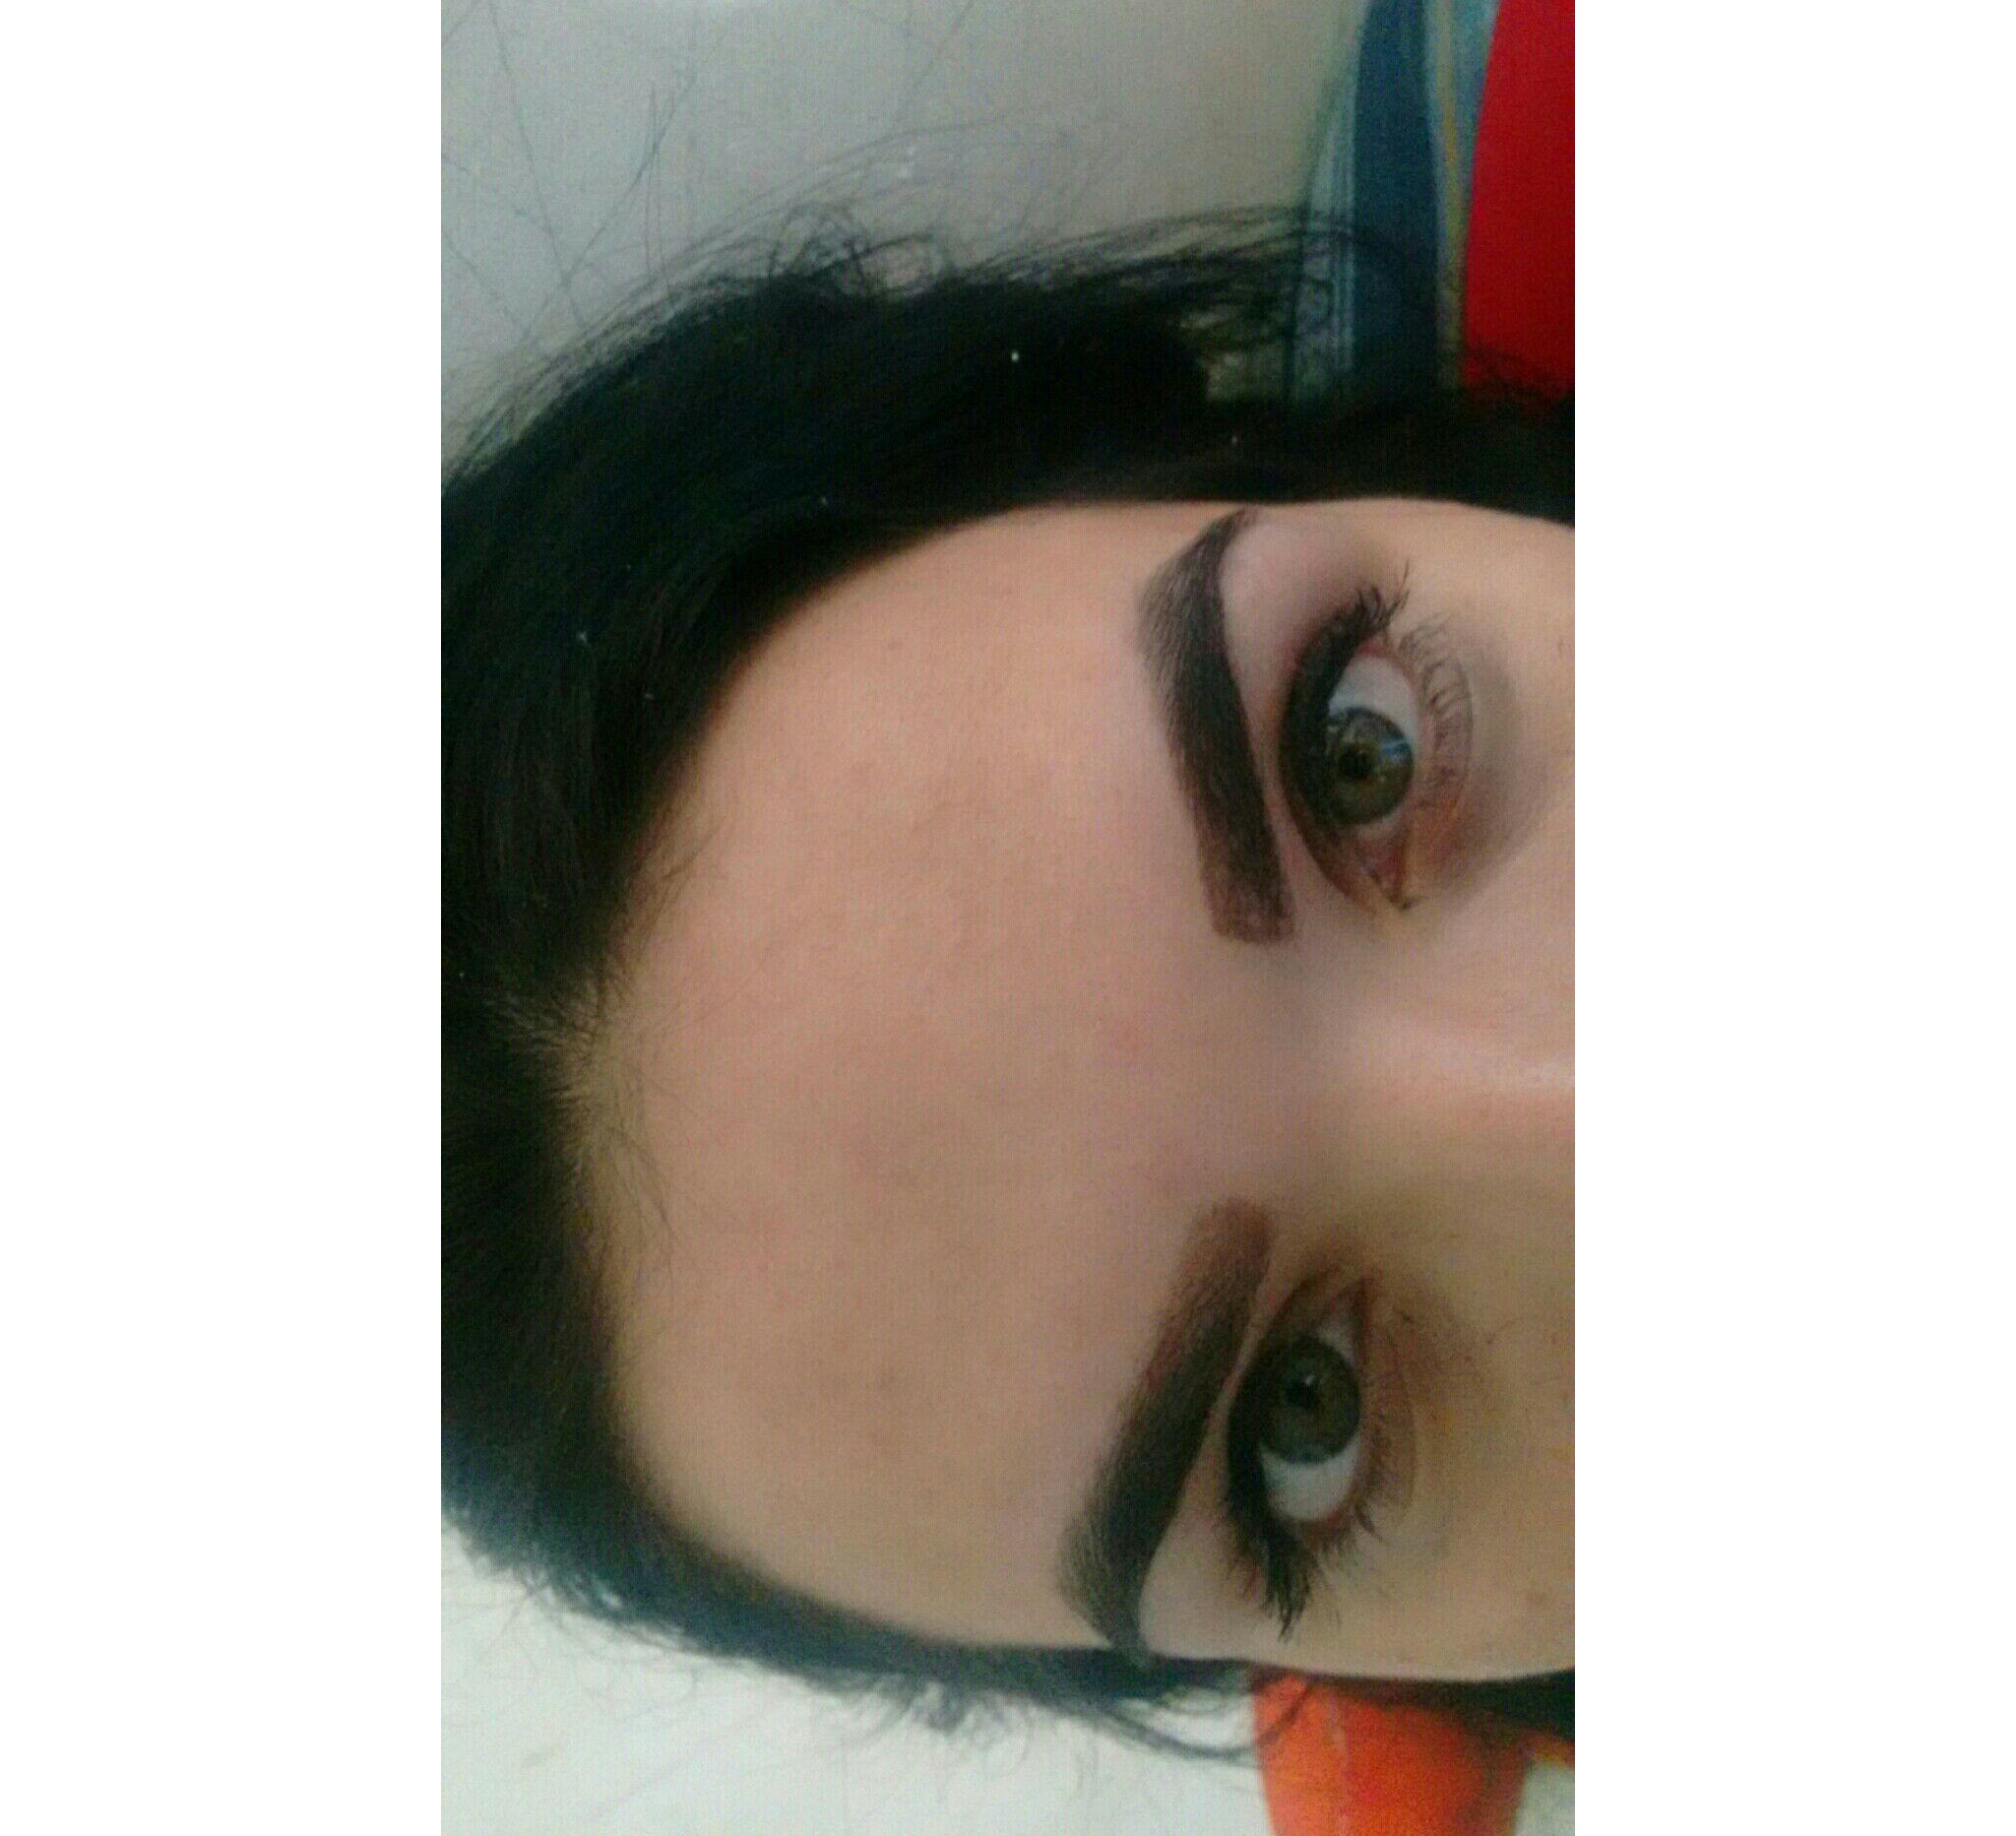 Sobrancelha de henna! outros designer de sobrancelhas designer de sobrancelhas designer de sobrancelhas designer de sobrancelhas designer de sobrancelhas designer de sobrancelhas designer de sobrancelhas